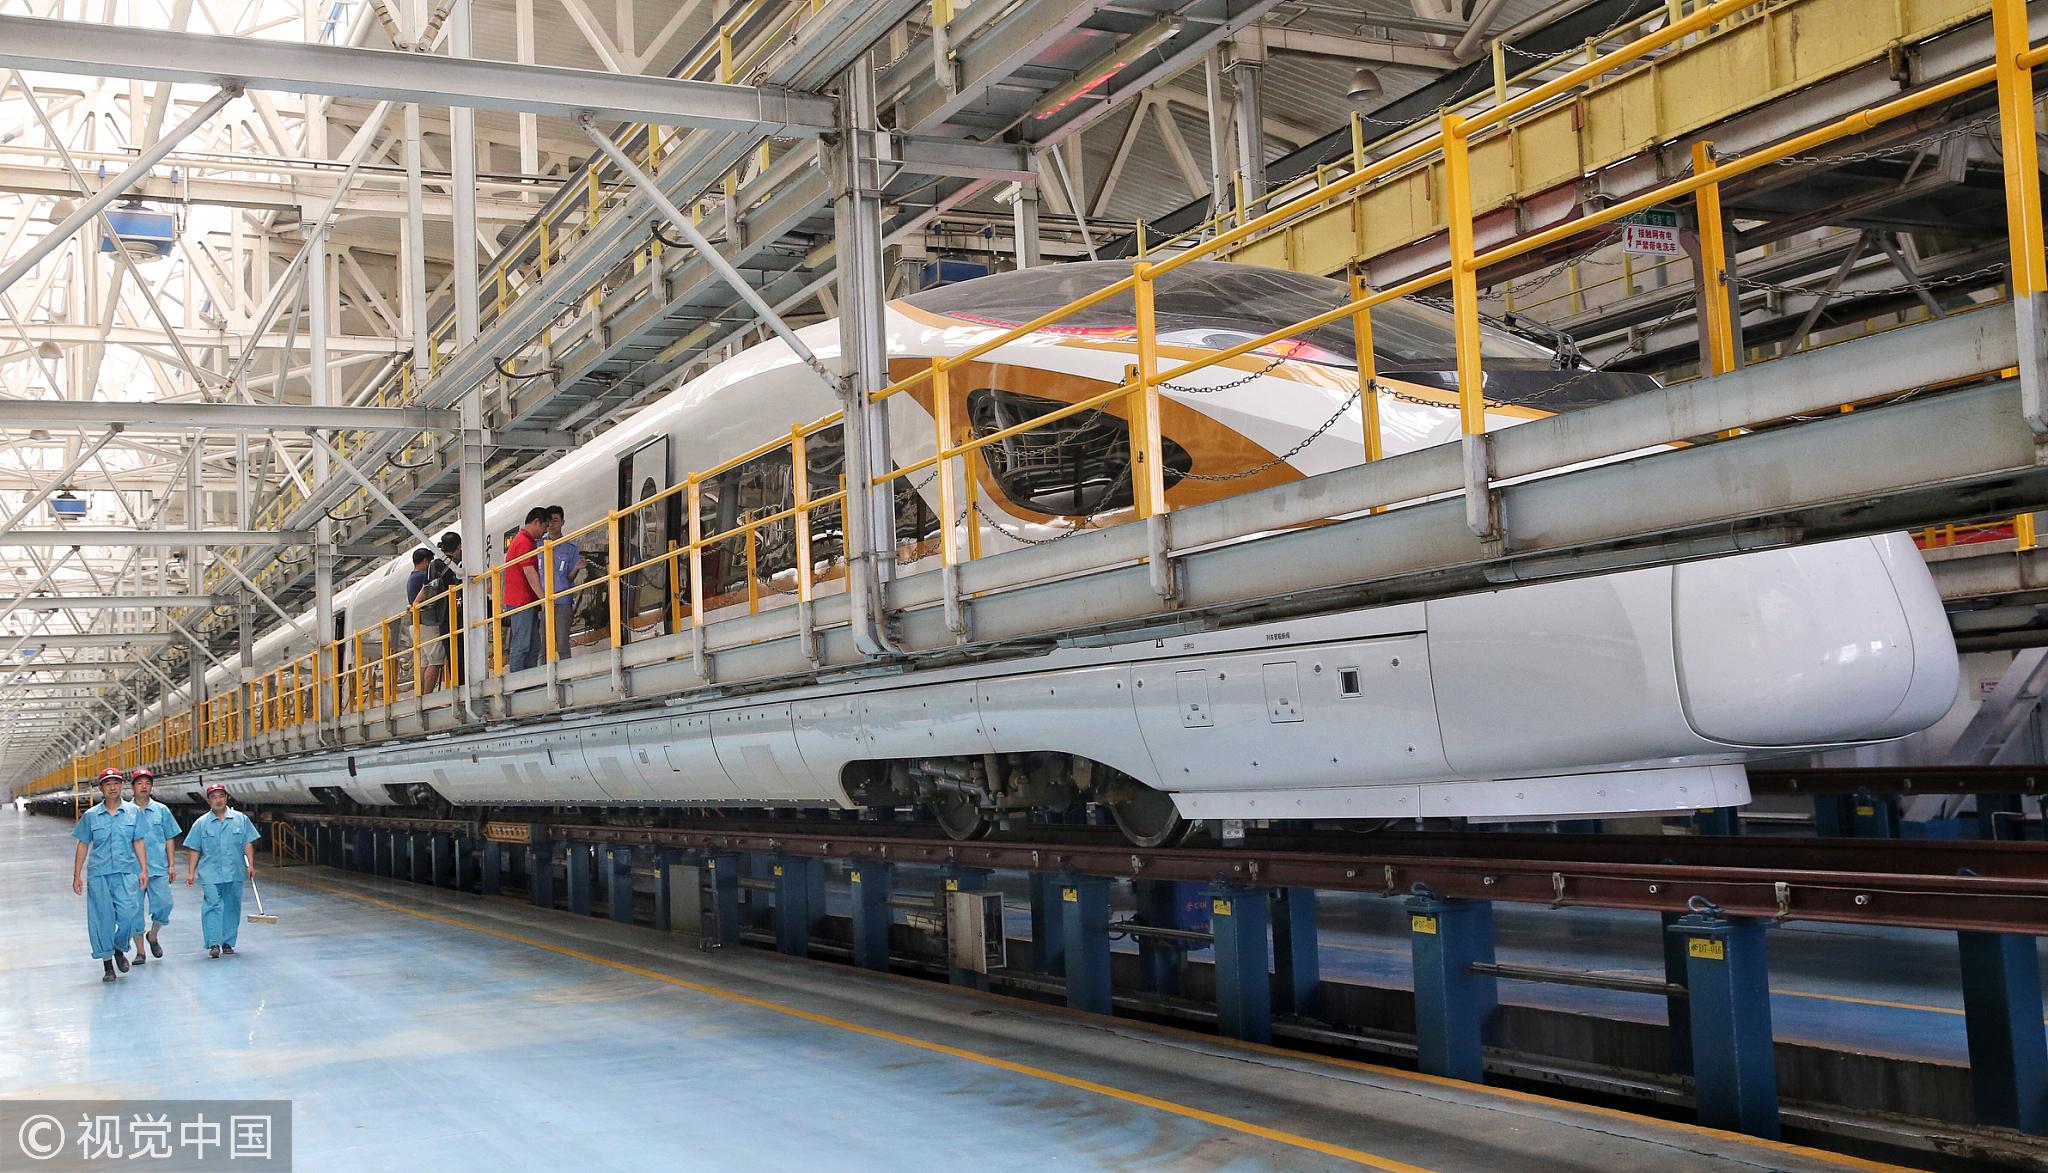 这是全球最长的高铁列车! - 周公乐 - xinhua8848 的博客